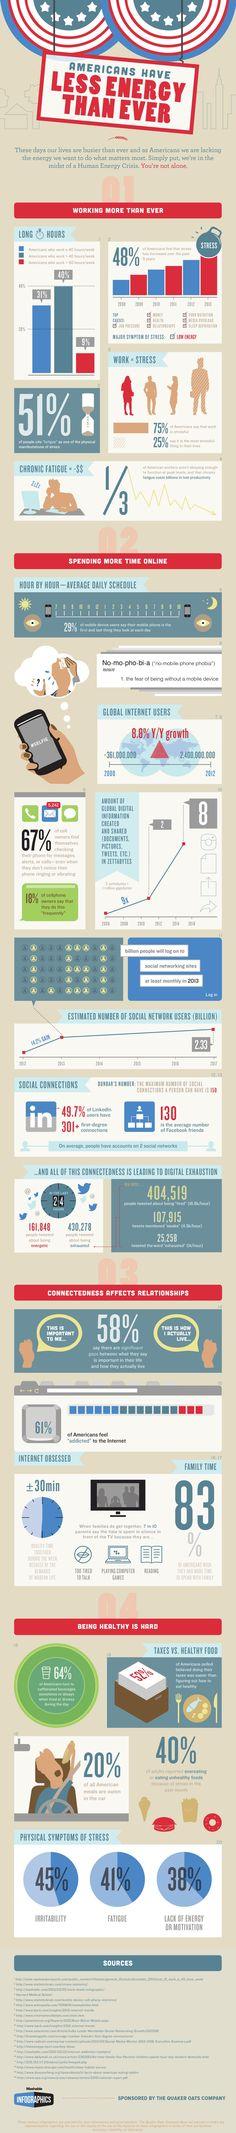 Wie wir immer mehr arbeiten in der vernetzten Welt?! #Infografik #Lifestyle #Freizeit   Working connected more than ever?! #infographic #family #energy #balance